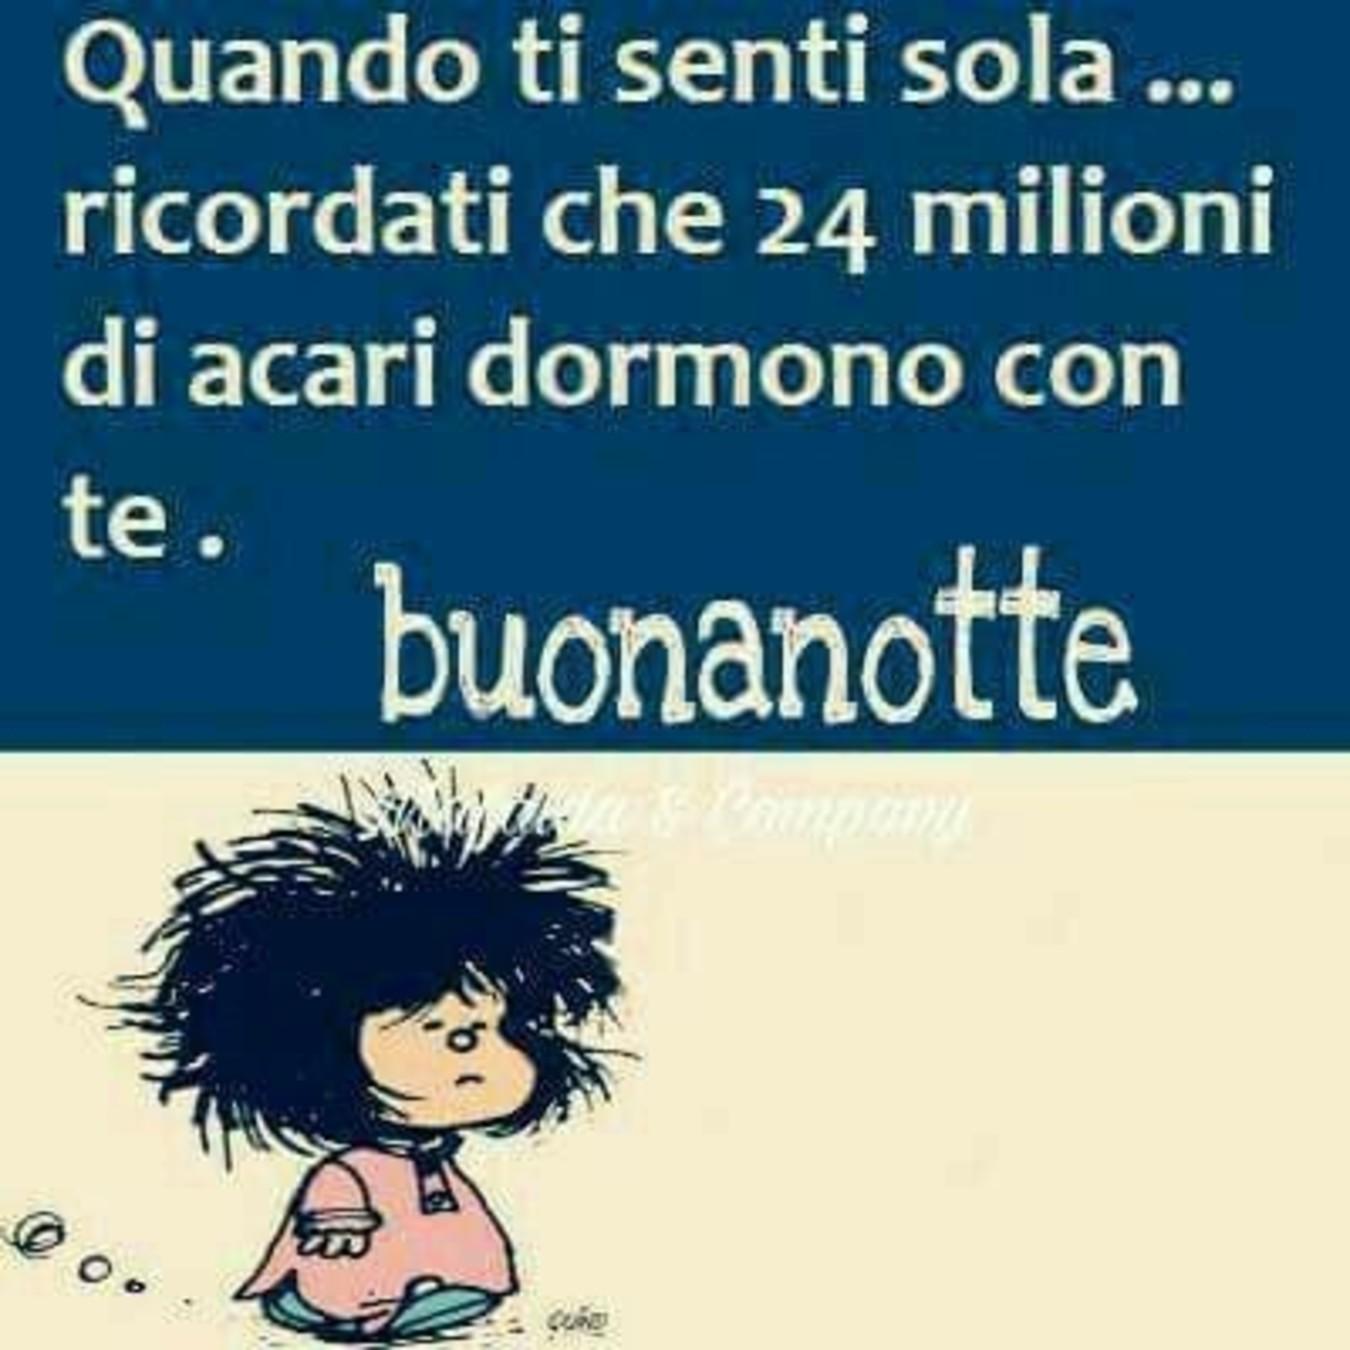 Mafalda Buonanotte Immaginifacebookit